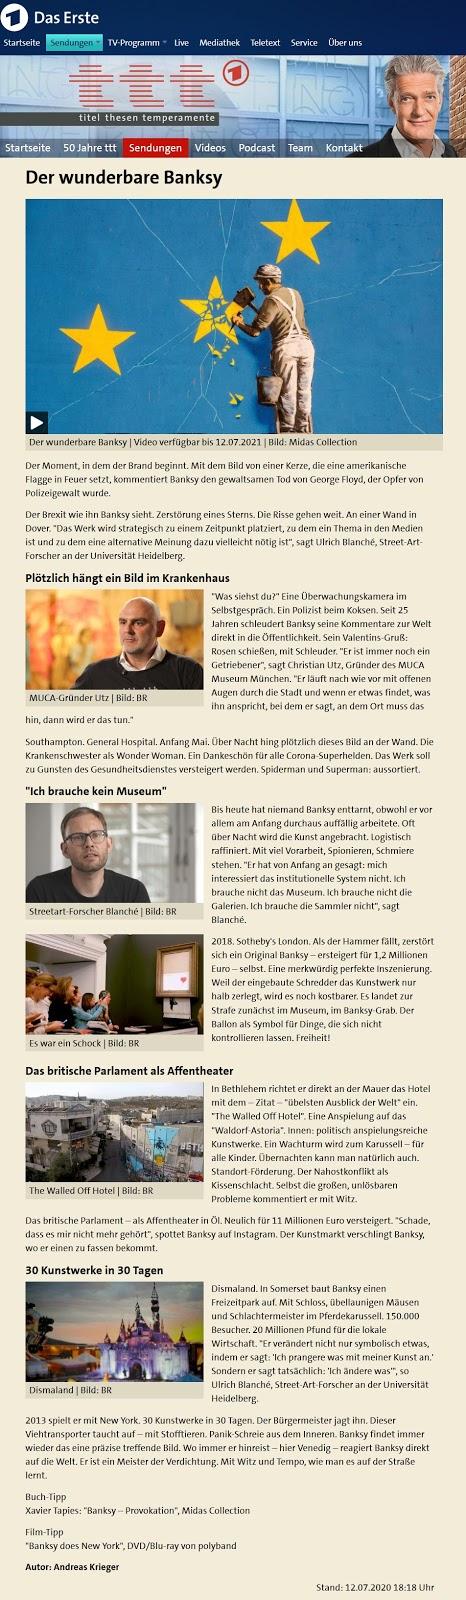 https://www.daserste.de/information/wissen-kultur/ttt/sendung/br/banksy-wunderbarer-neuer-bildband-100.html